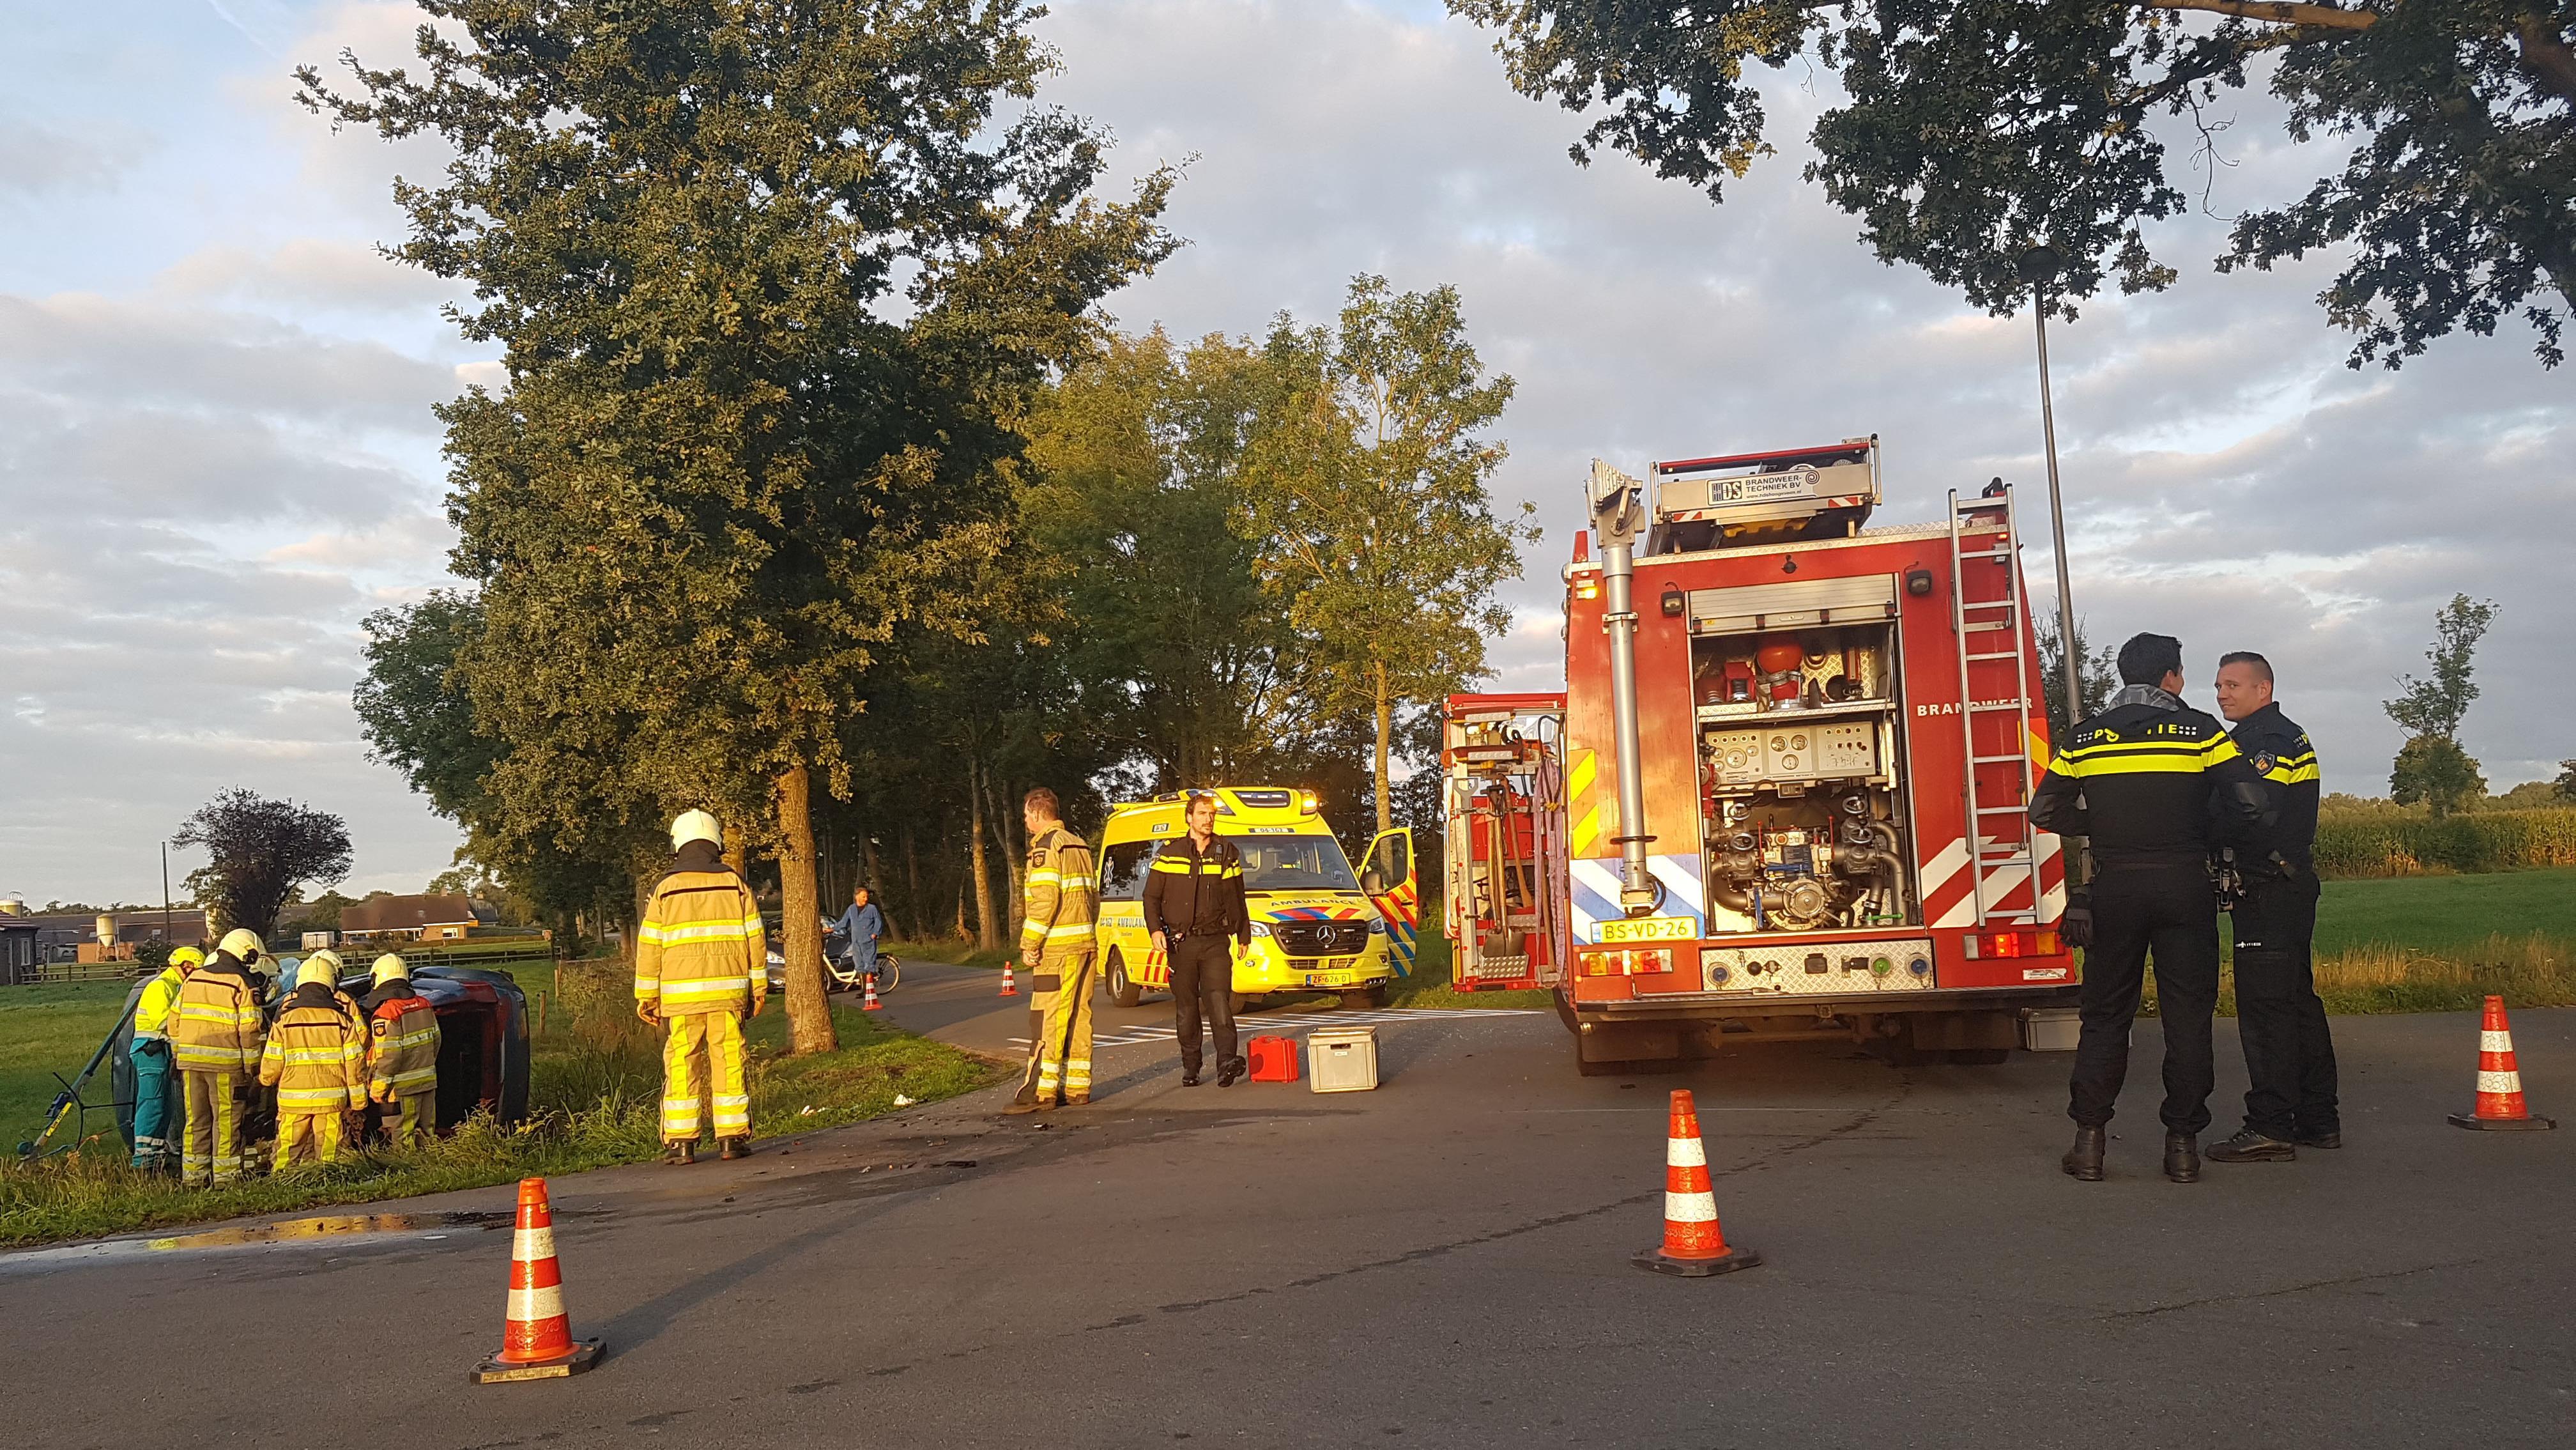 Ernstig ongeval in Twello: gewonde met spoed naar ziekenhuis.